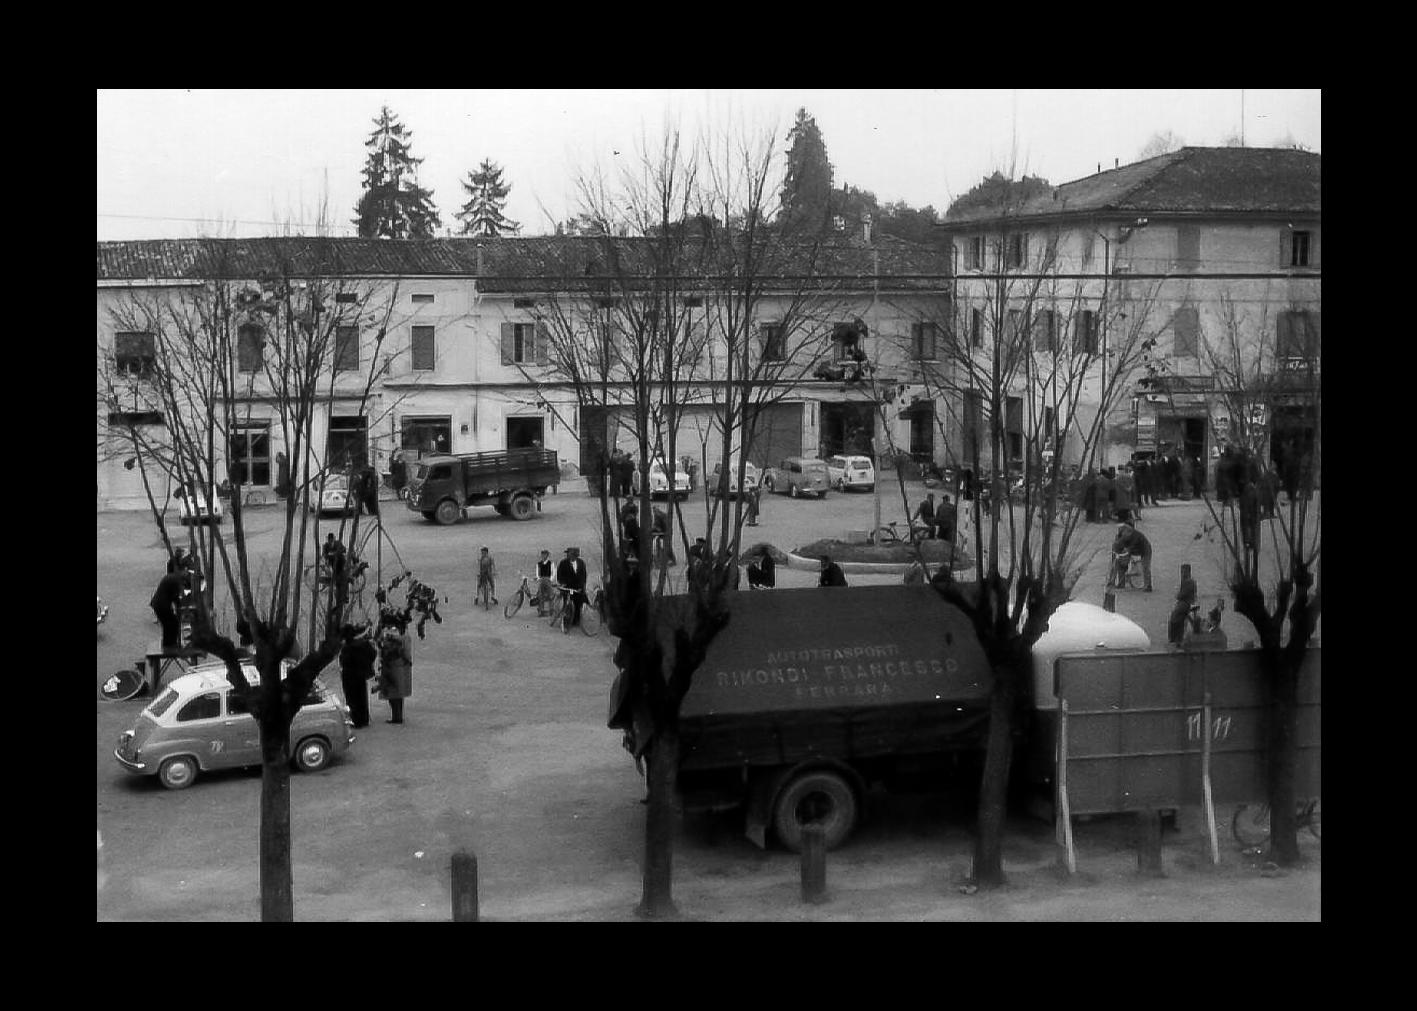 Comizio in Piazza Marconi anni '50